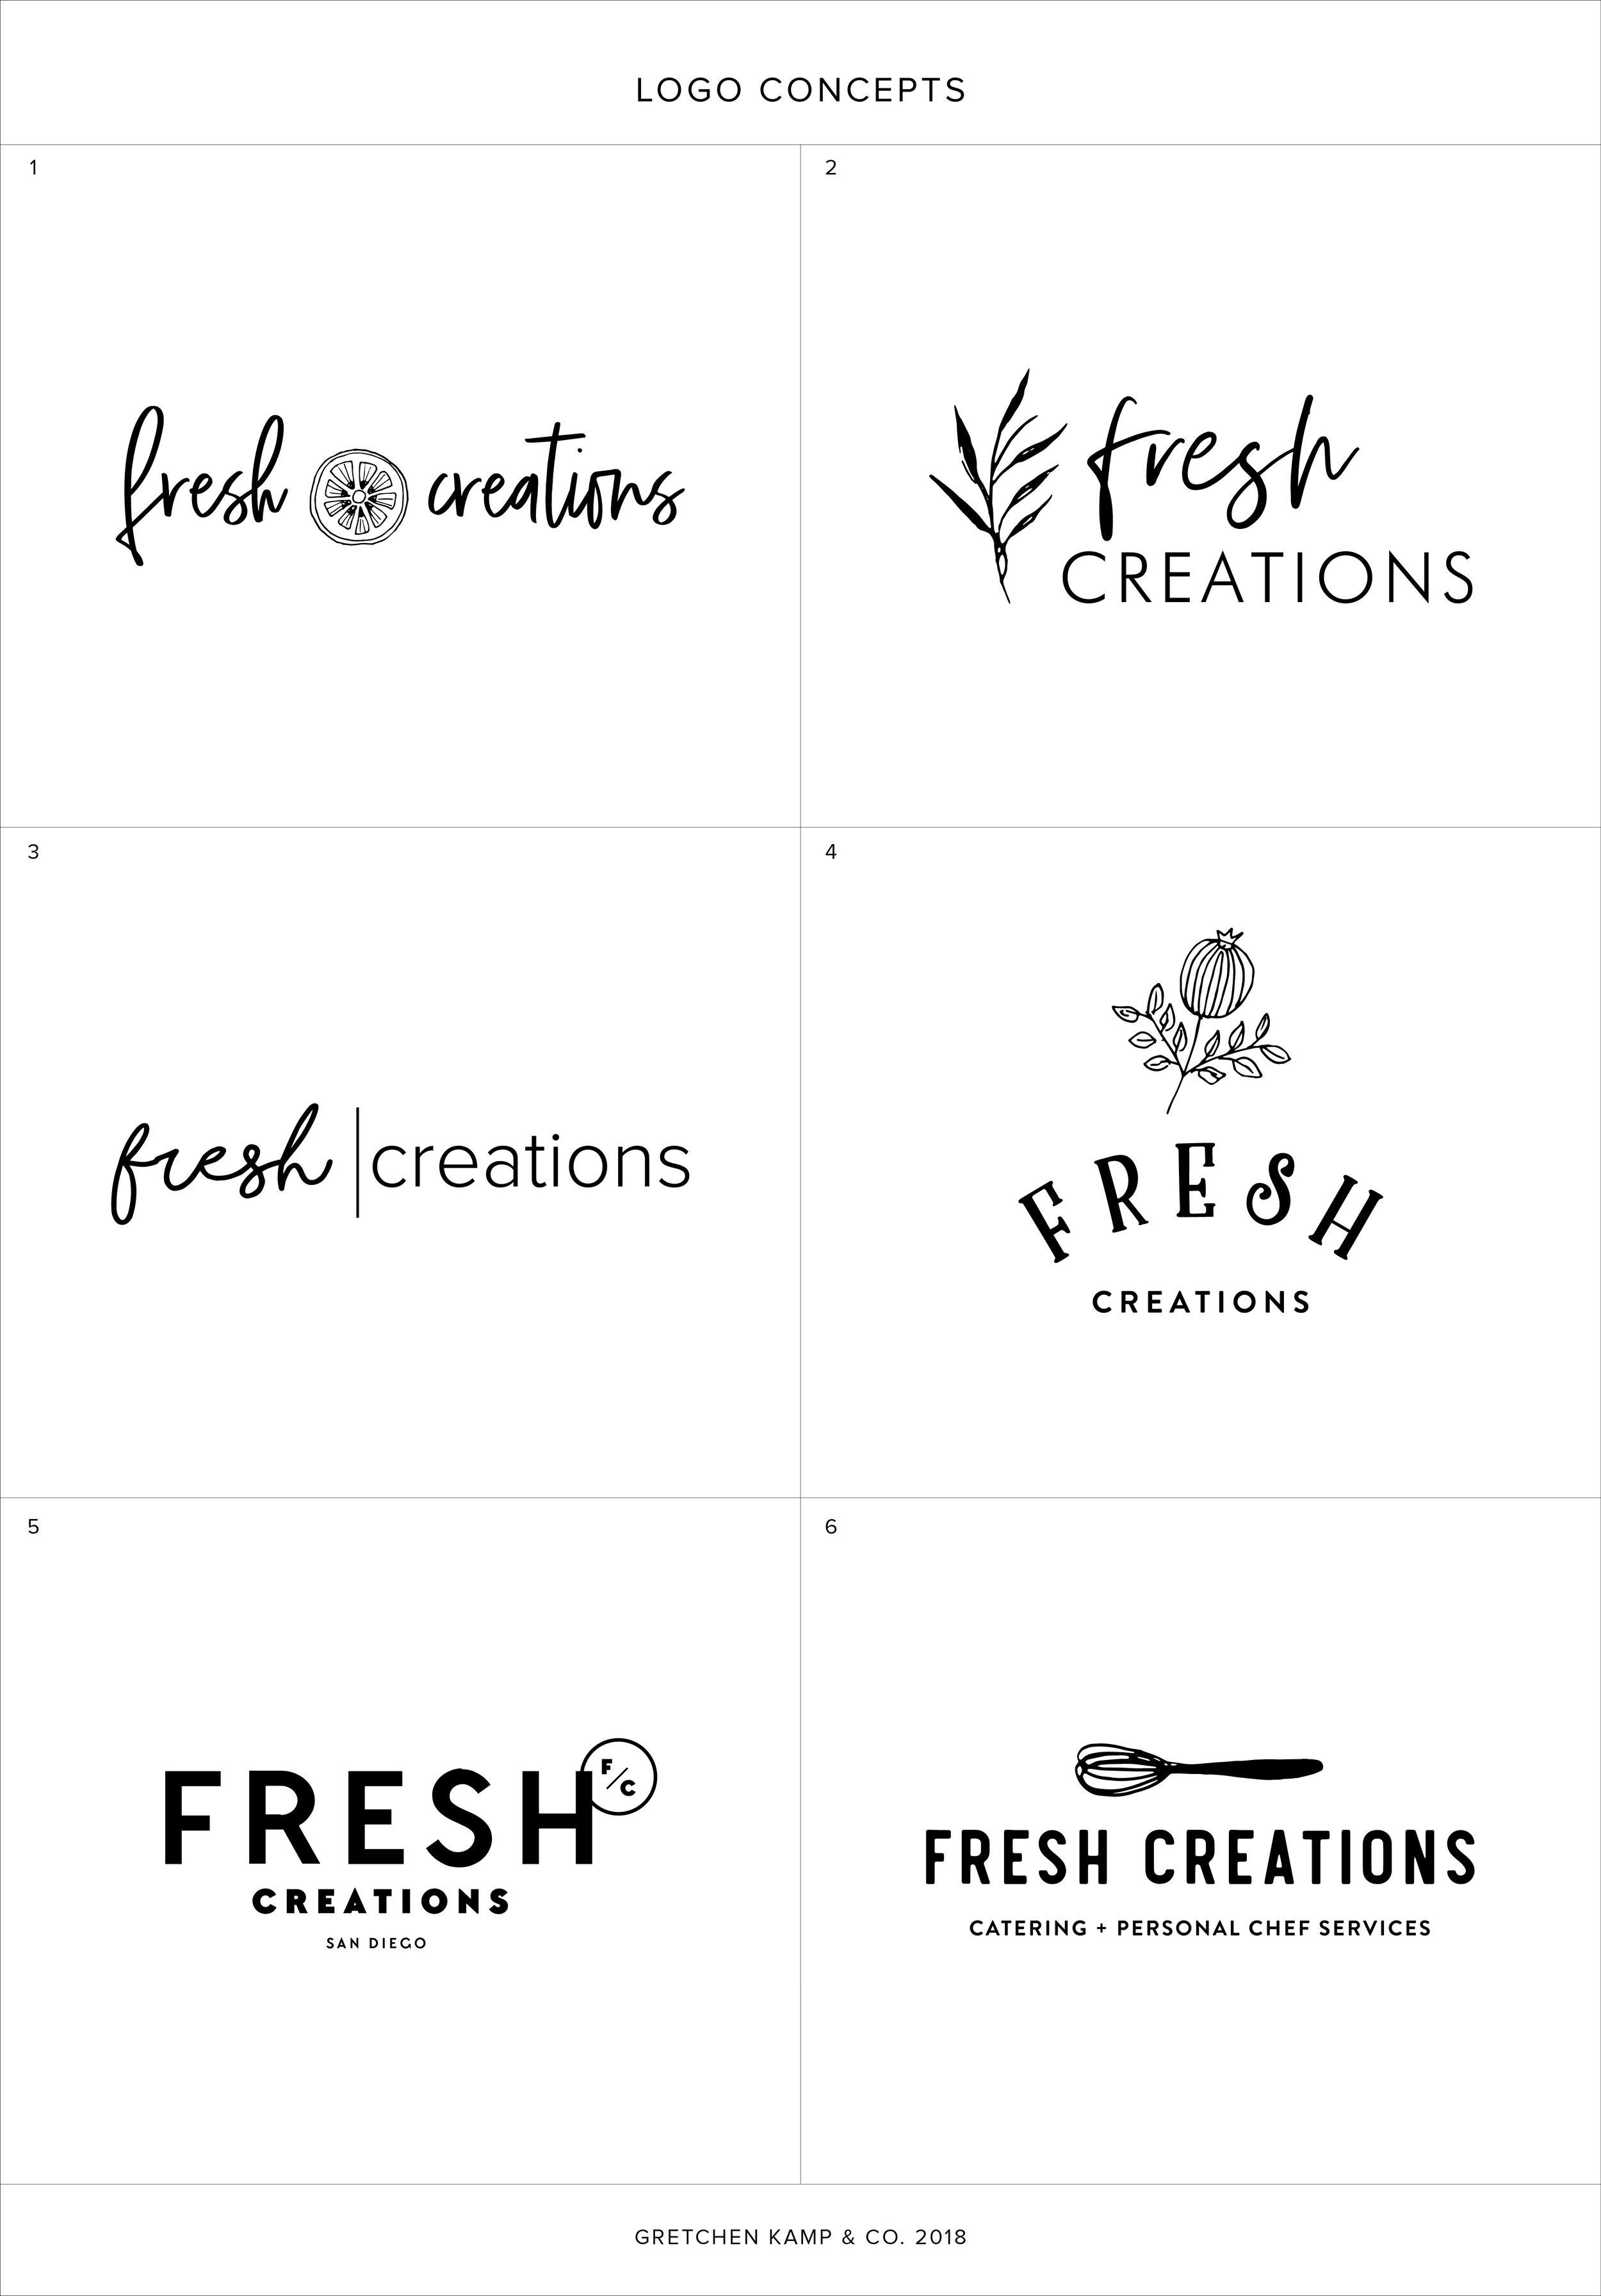 FreshCreations_Logos_v01.jpg